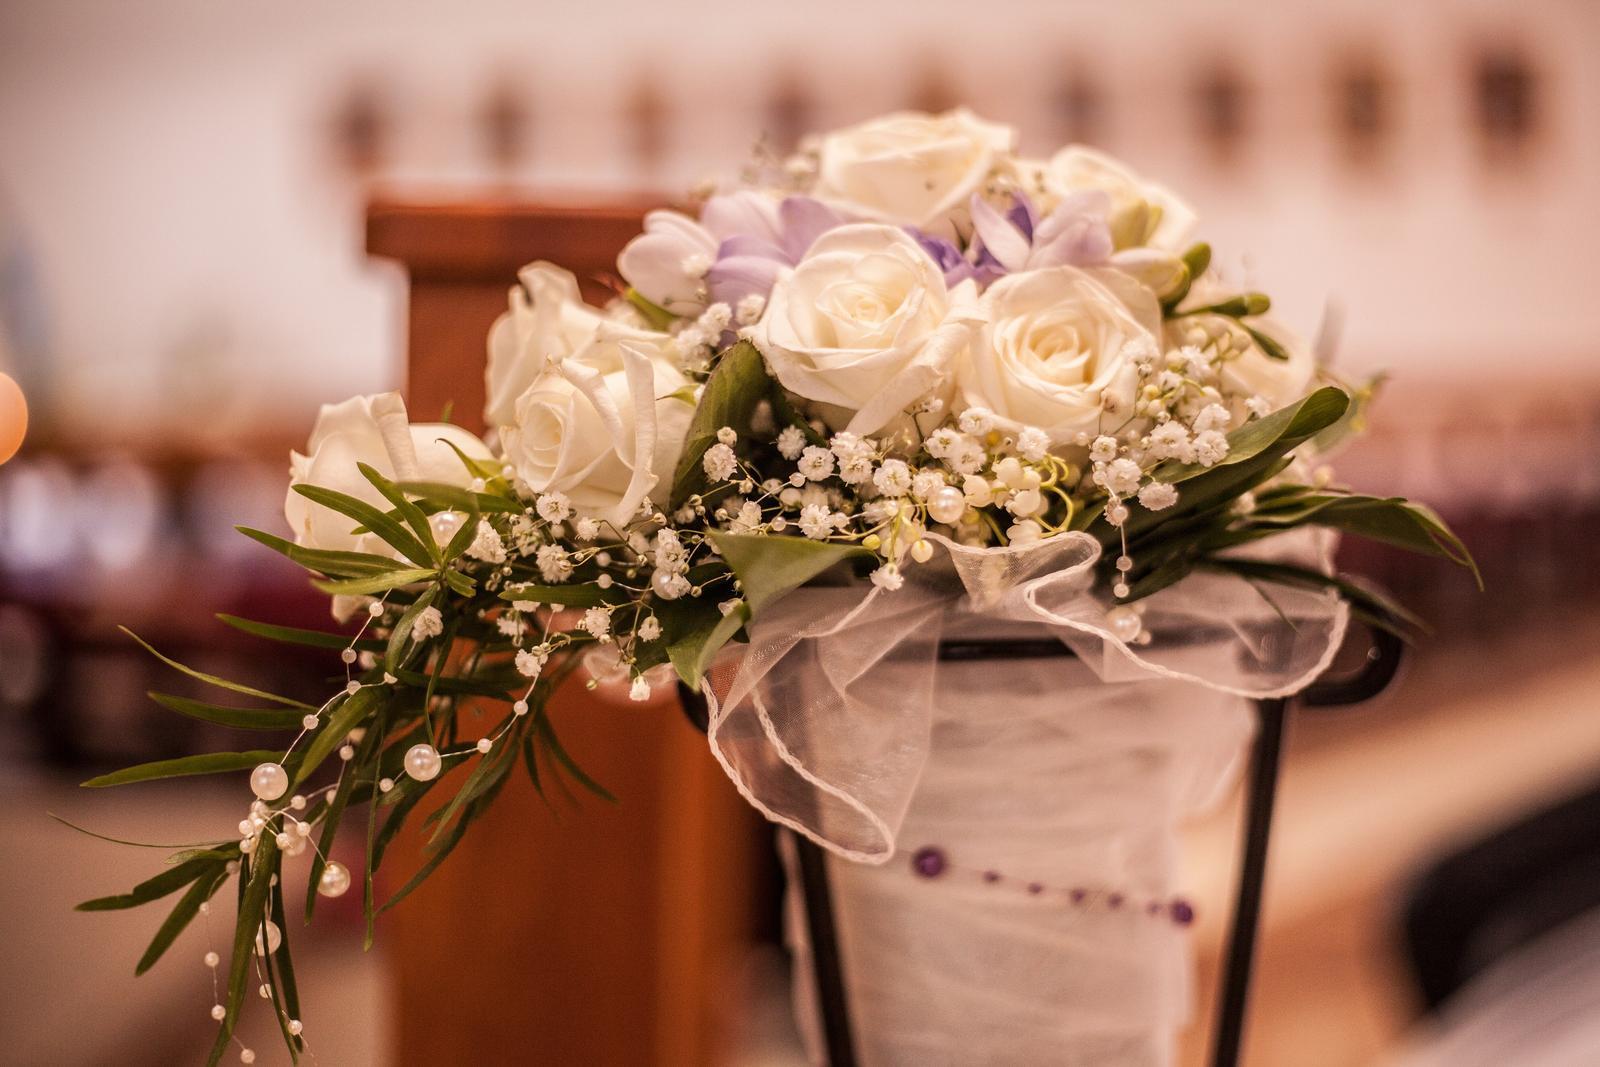 Terézia{{_AND_}}Peter - Moja svadobná v pripravenej vázičke pri oltári...